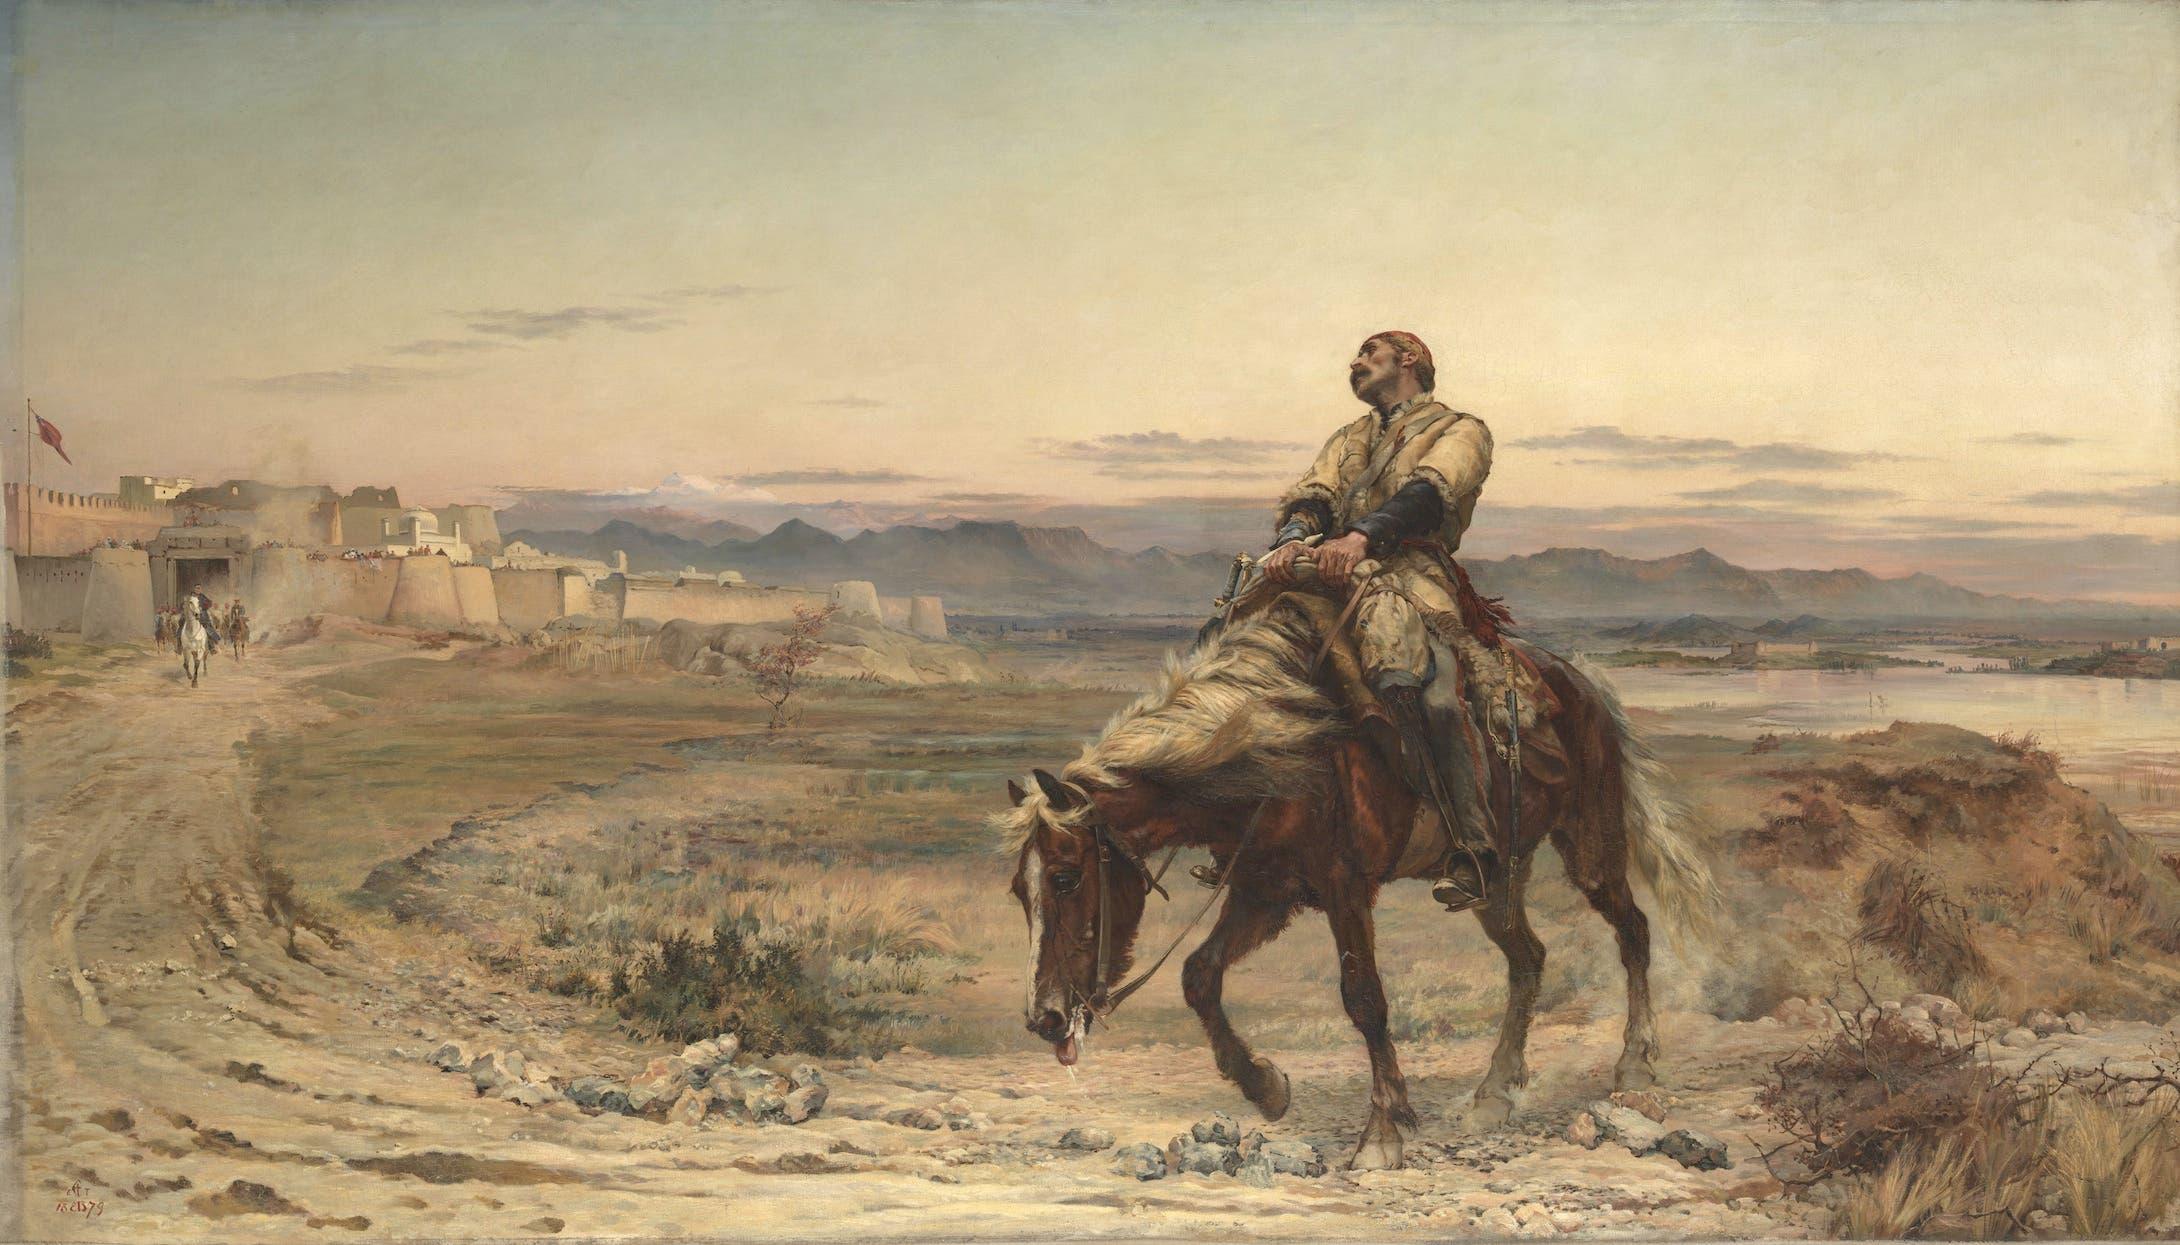 لوحة بقايا الجيش التي تجسد الناجي الوحيد